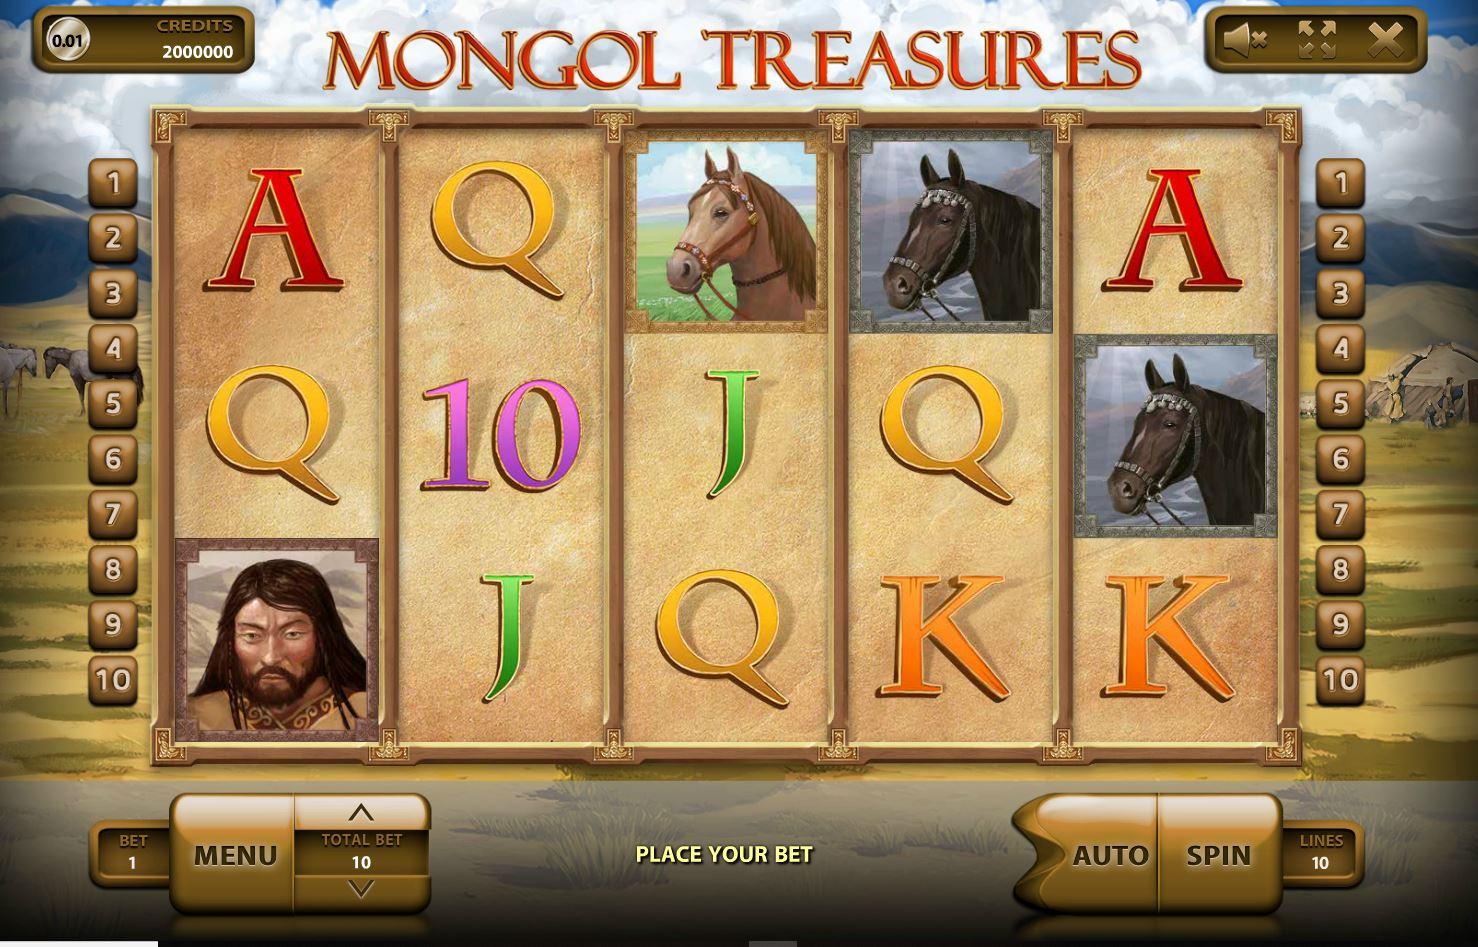 Spiele Mongol Treasures - Video Slots Online